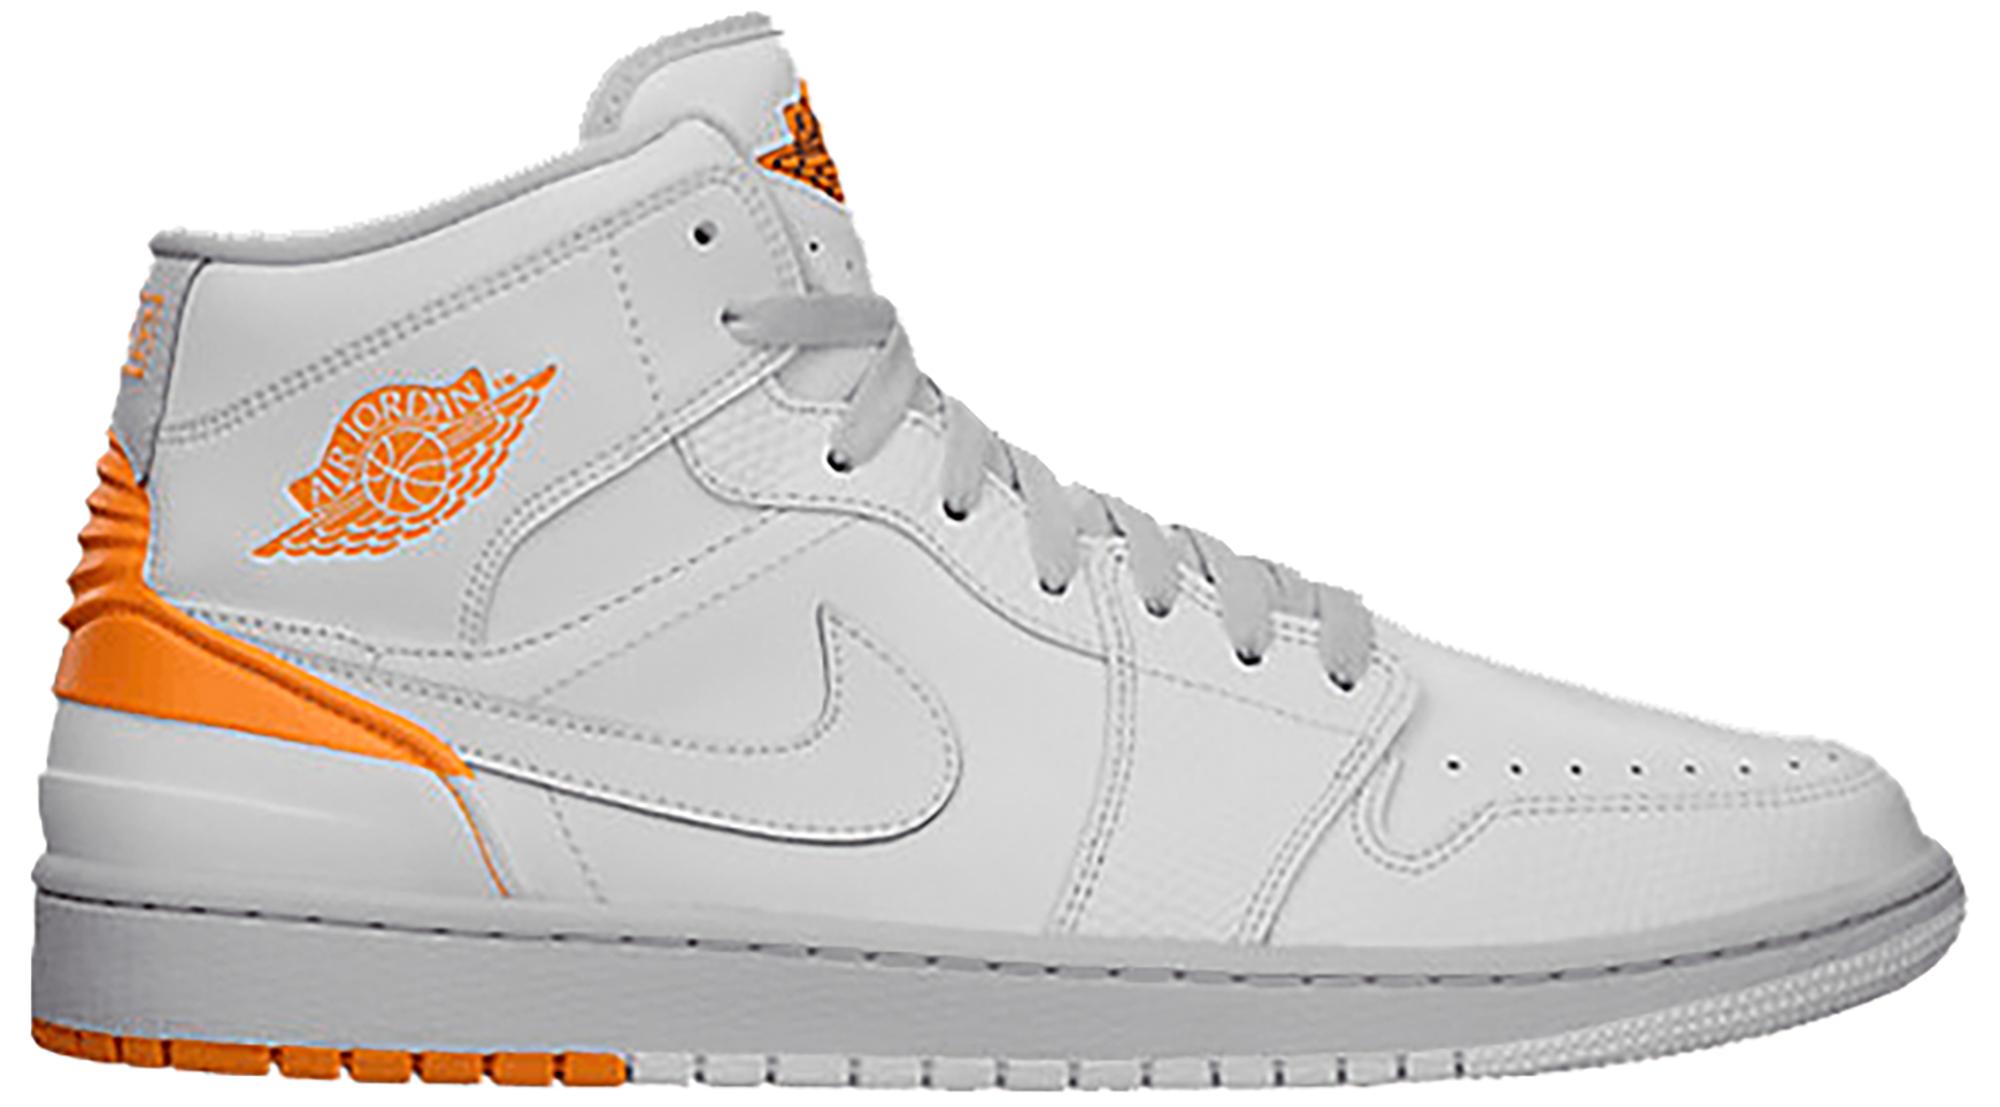 Jordan 1 Retro 86 White Kumquat